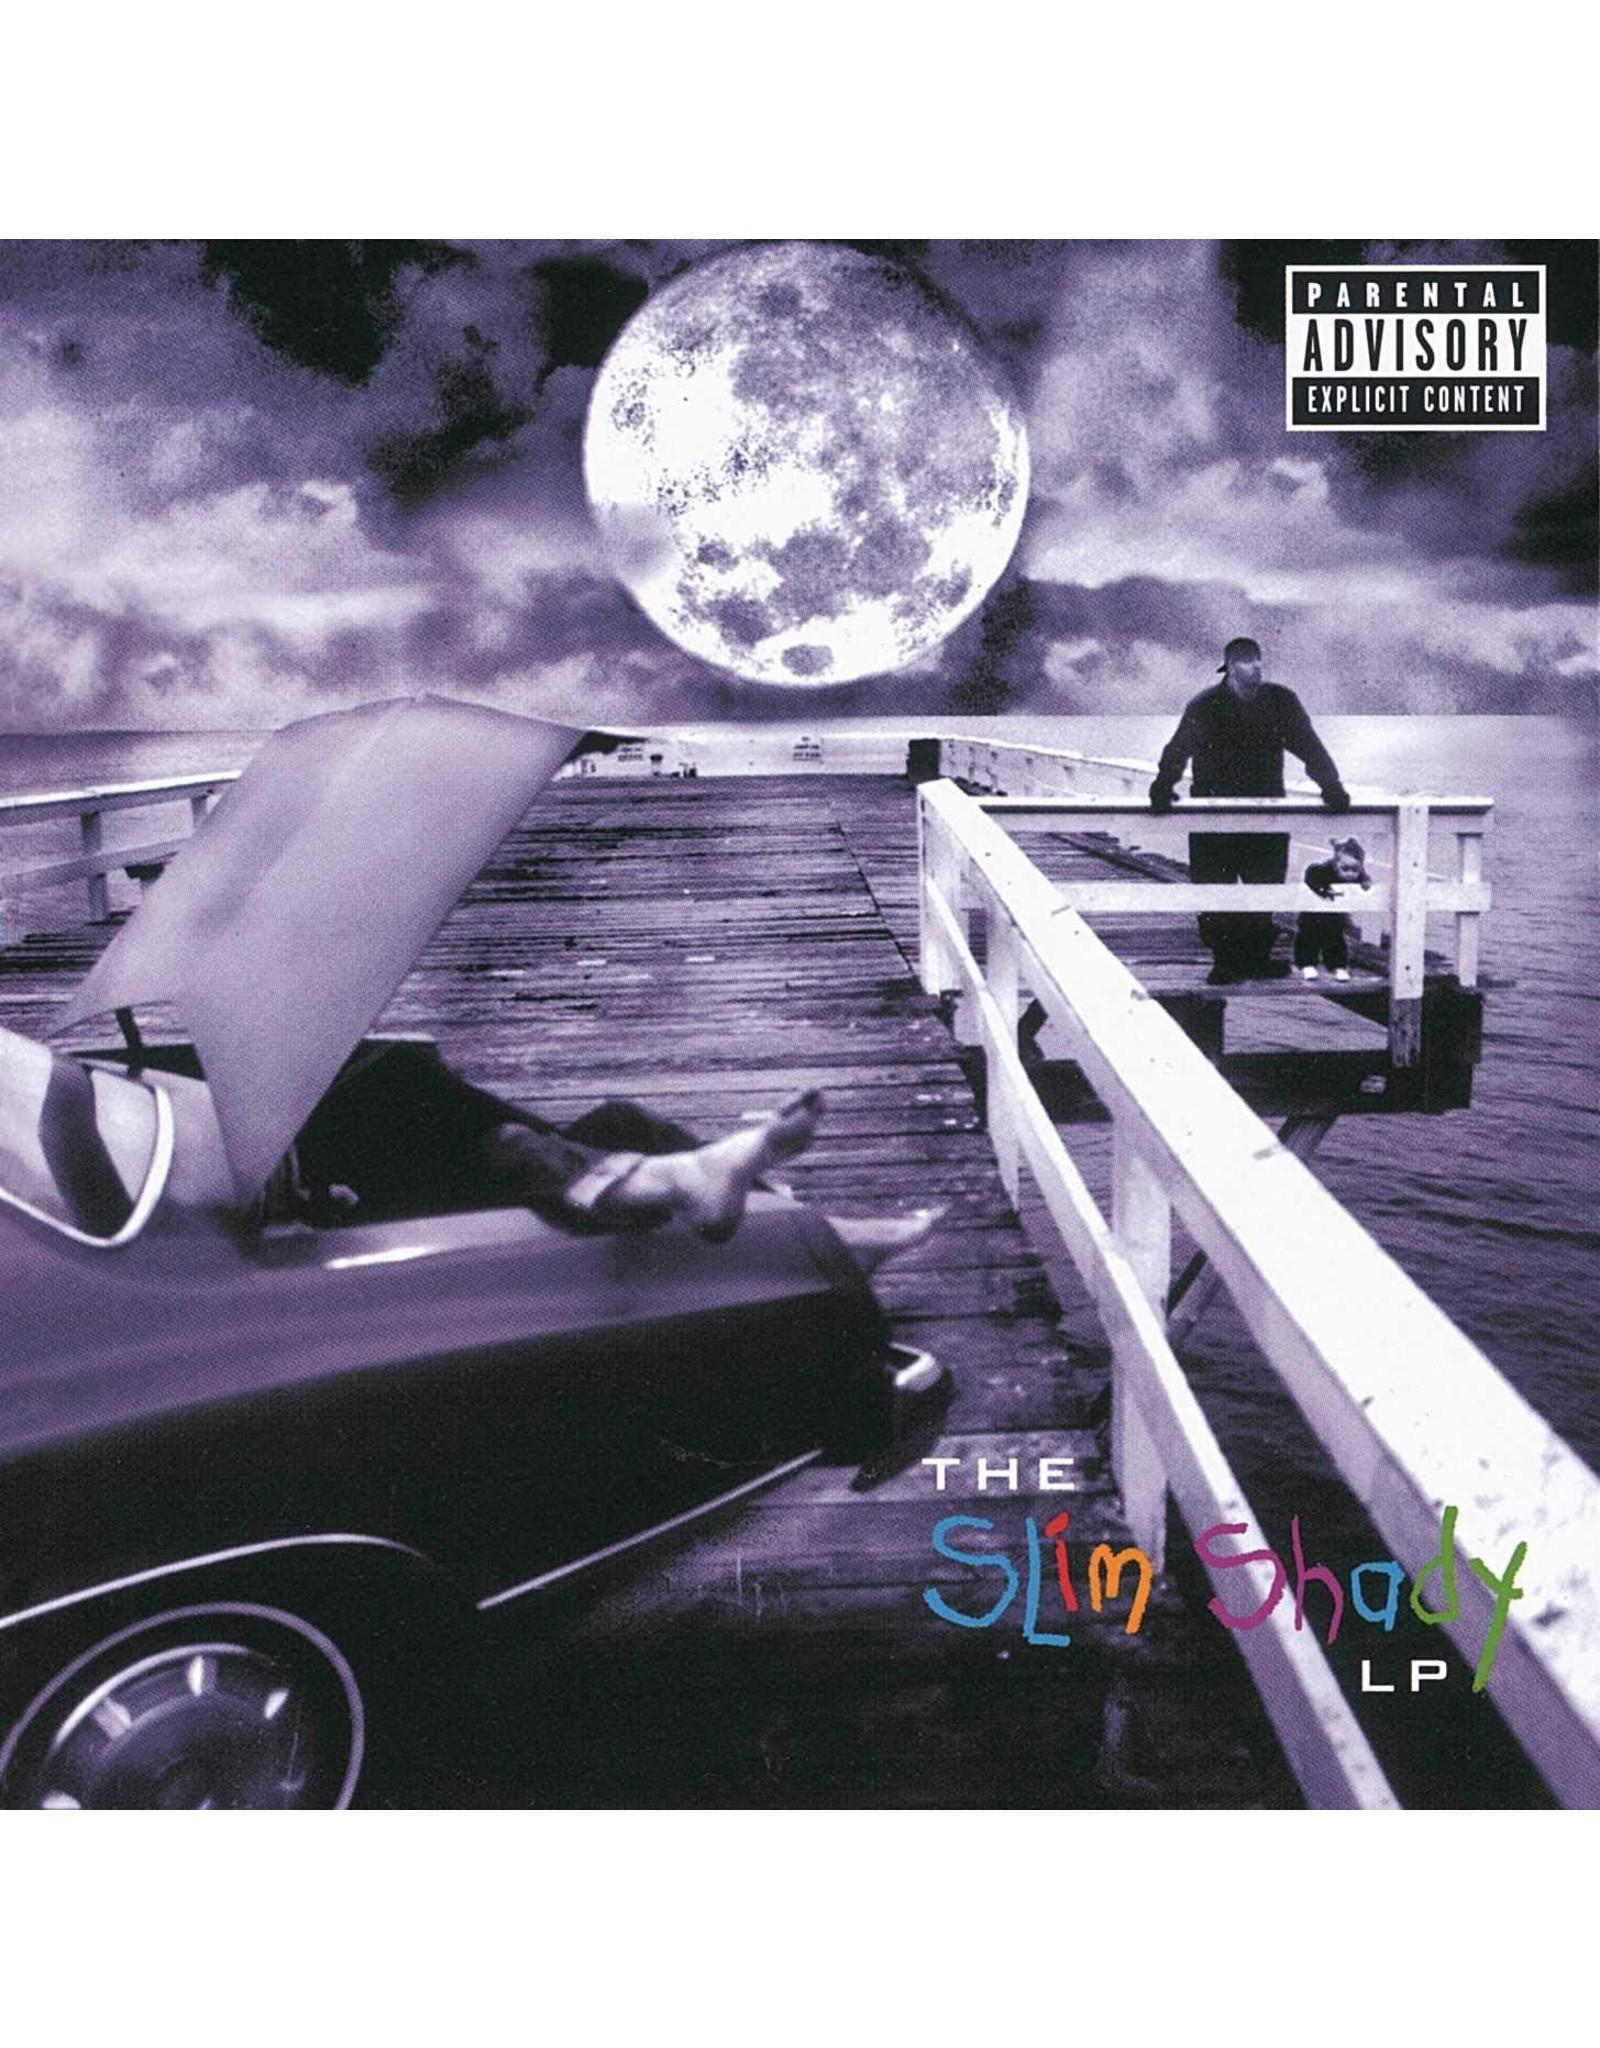 Eminem - The Slim Shady LP LP